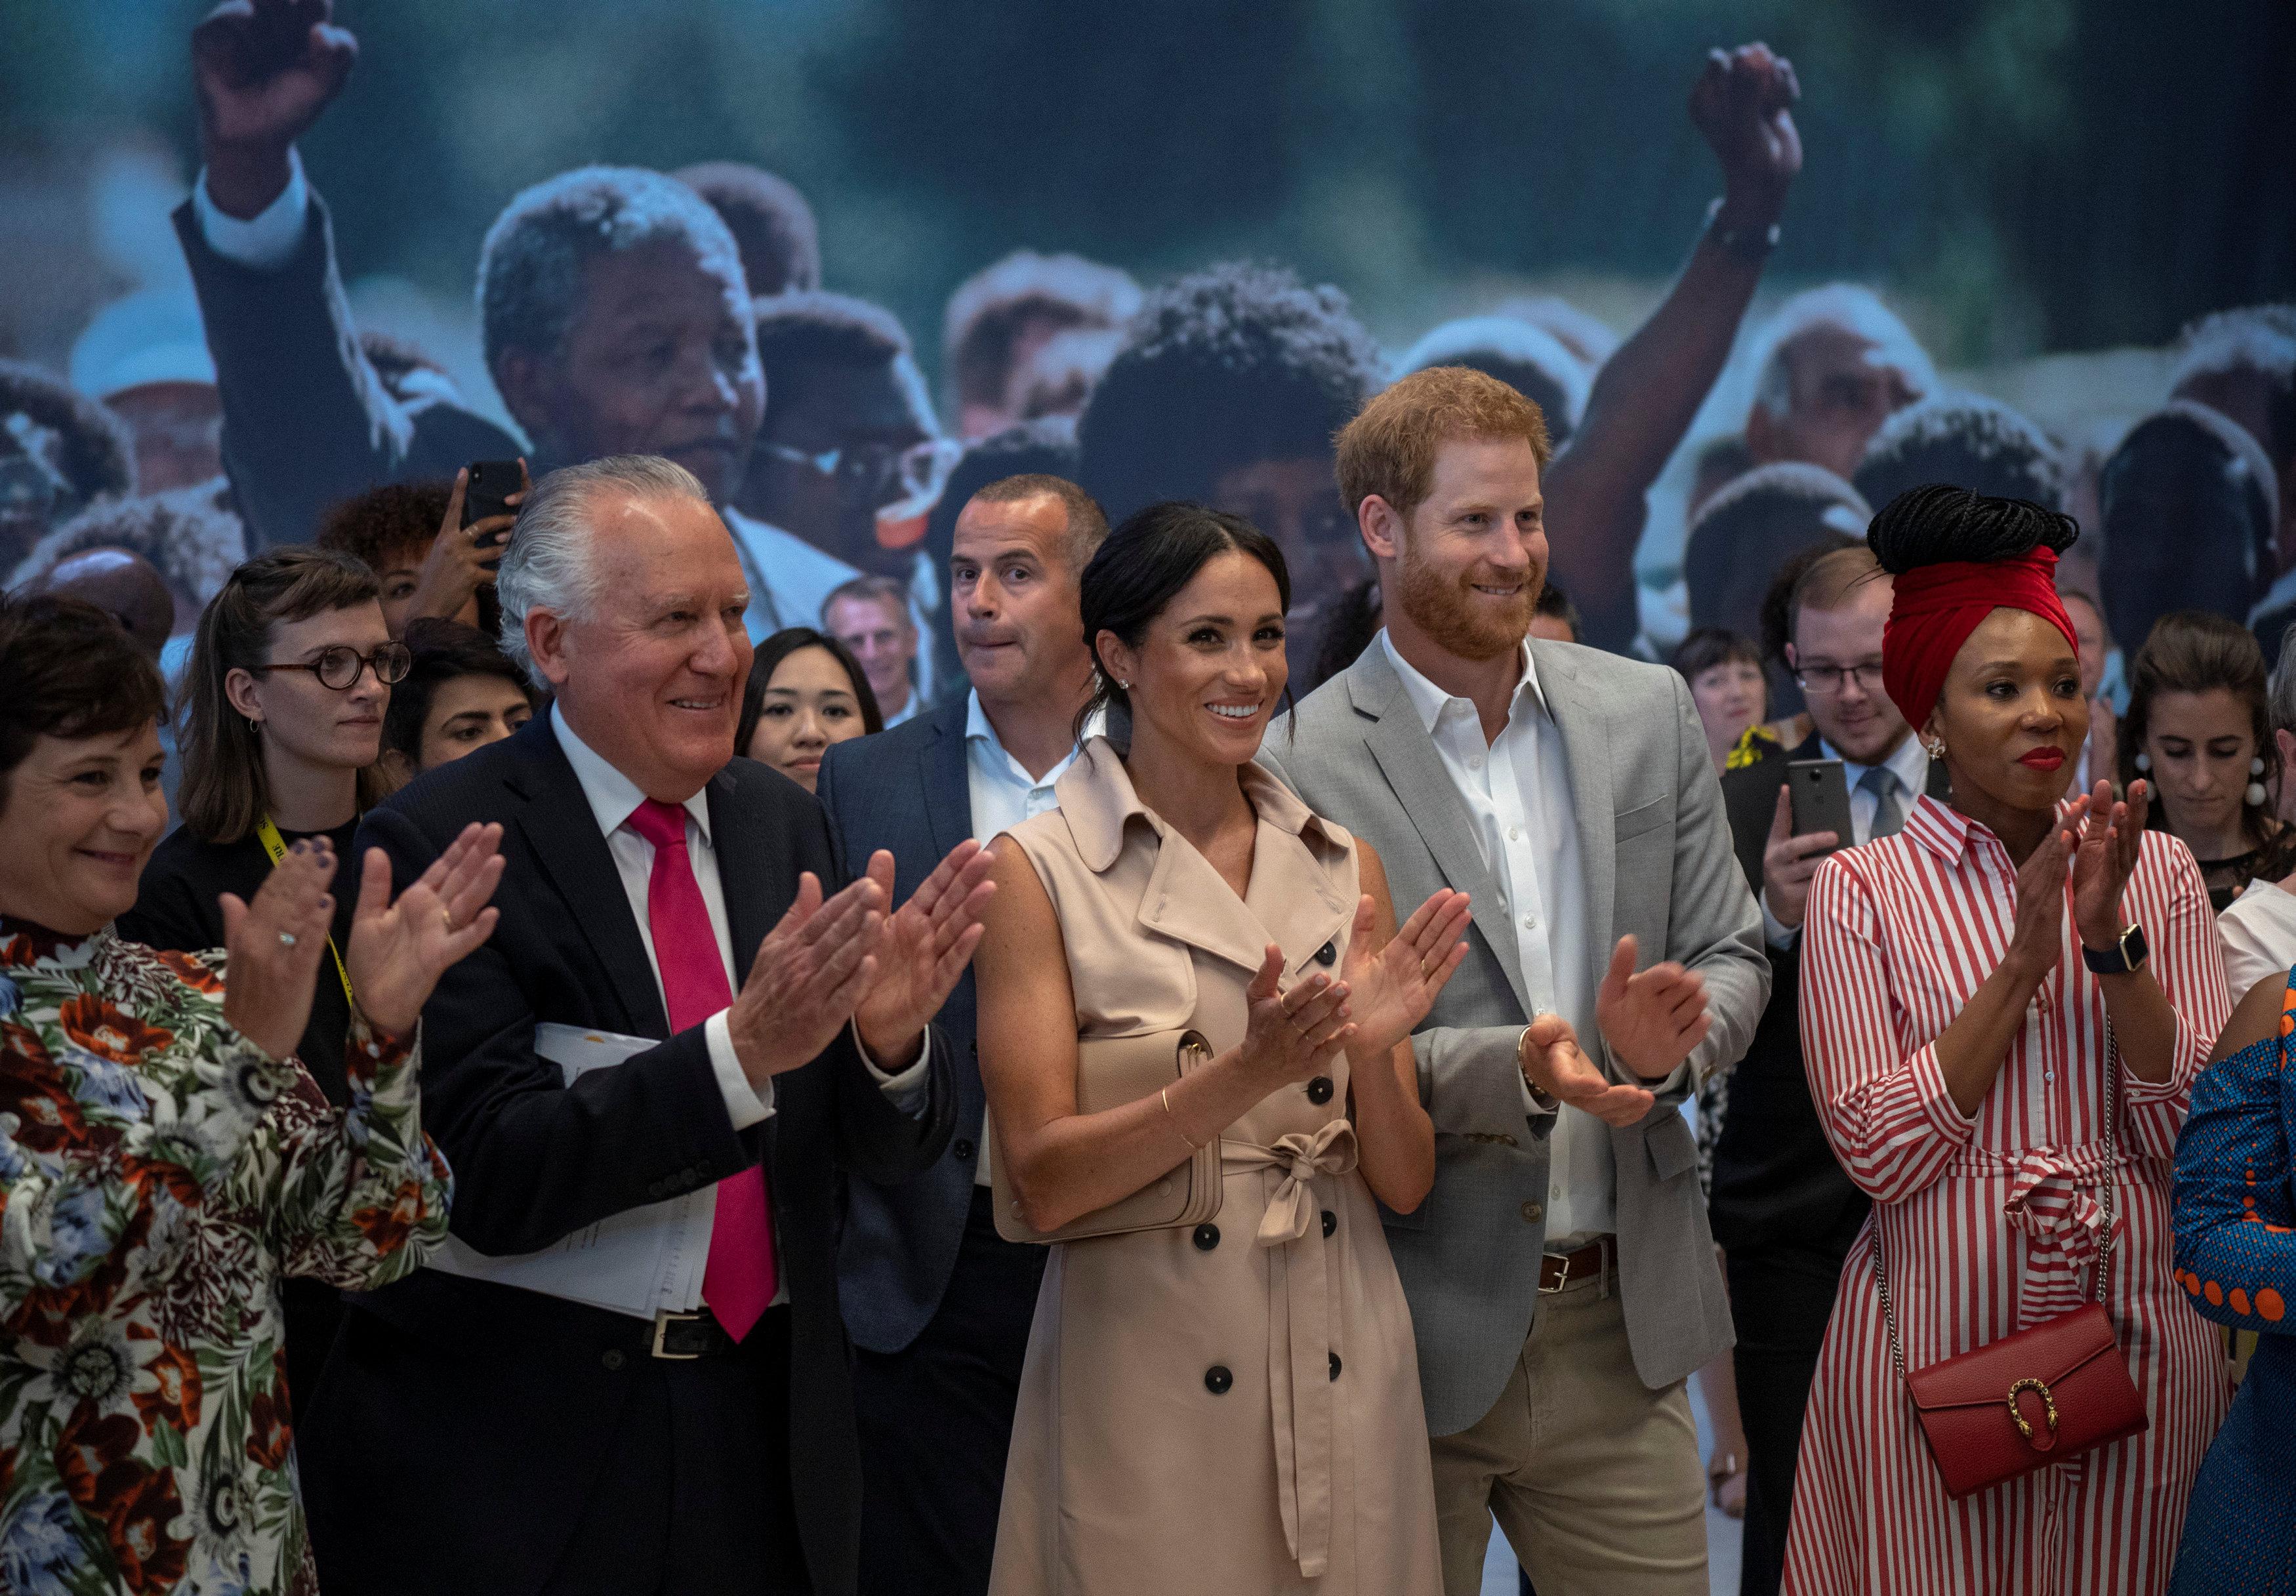 زيارة الأمير هارى وميجان ماركل لمعرض نيلسون مانديلا